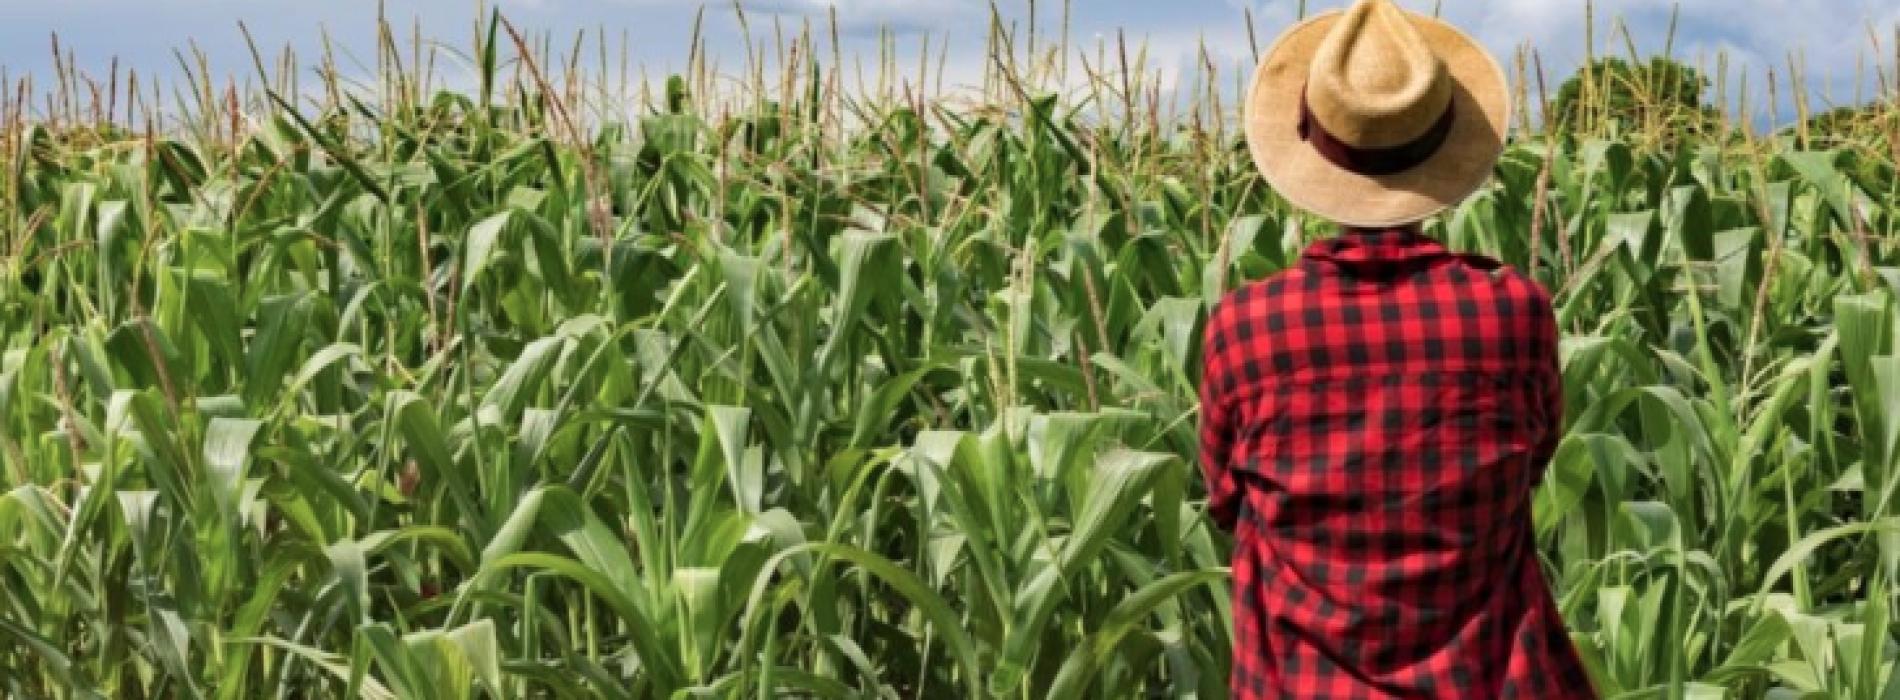 Aziende agricole, le alternative concrete per il futuro